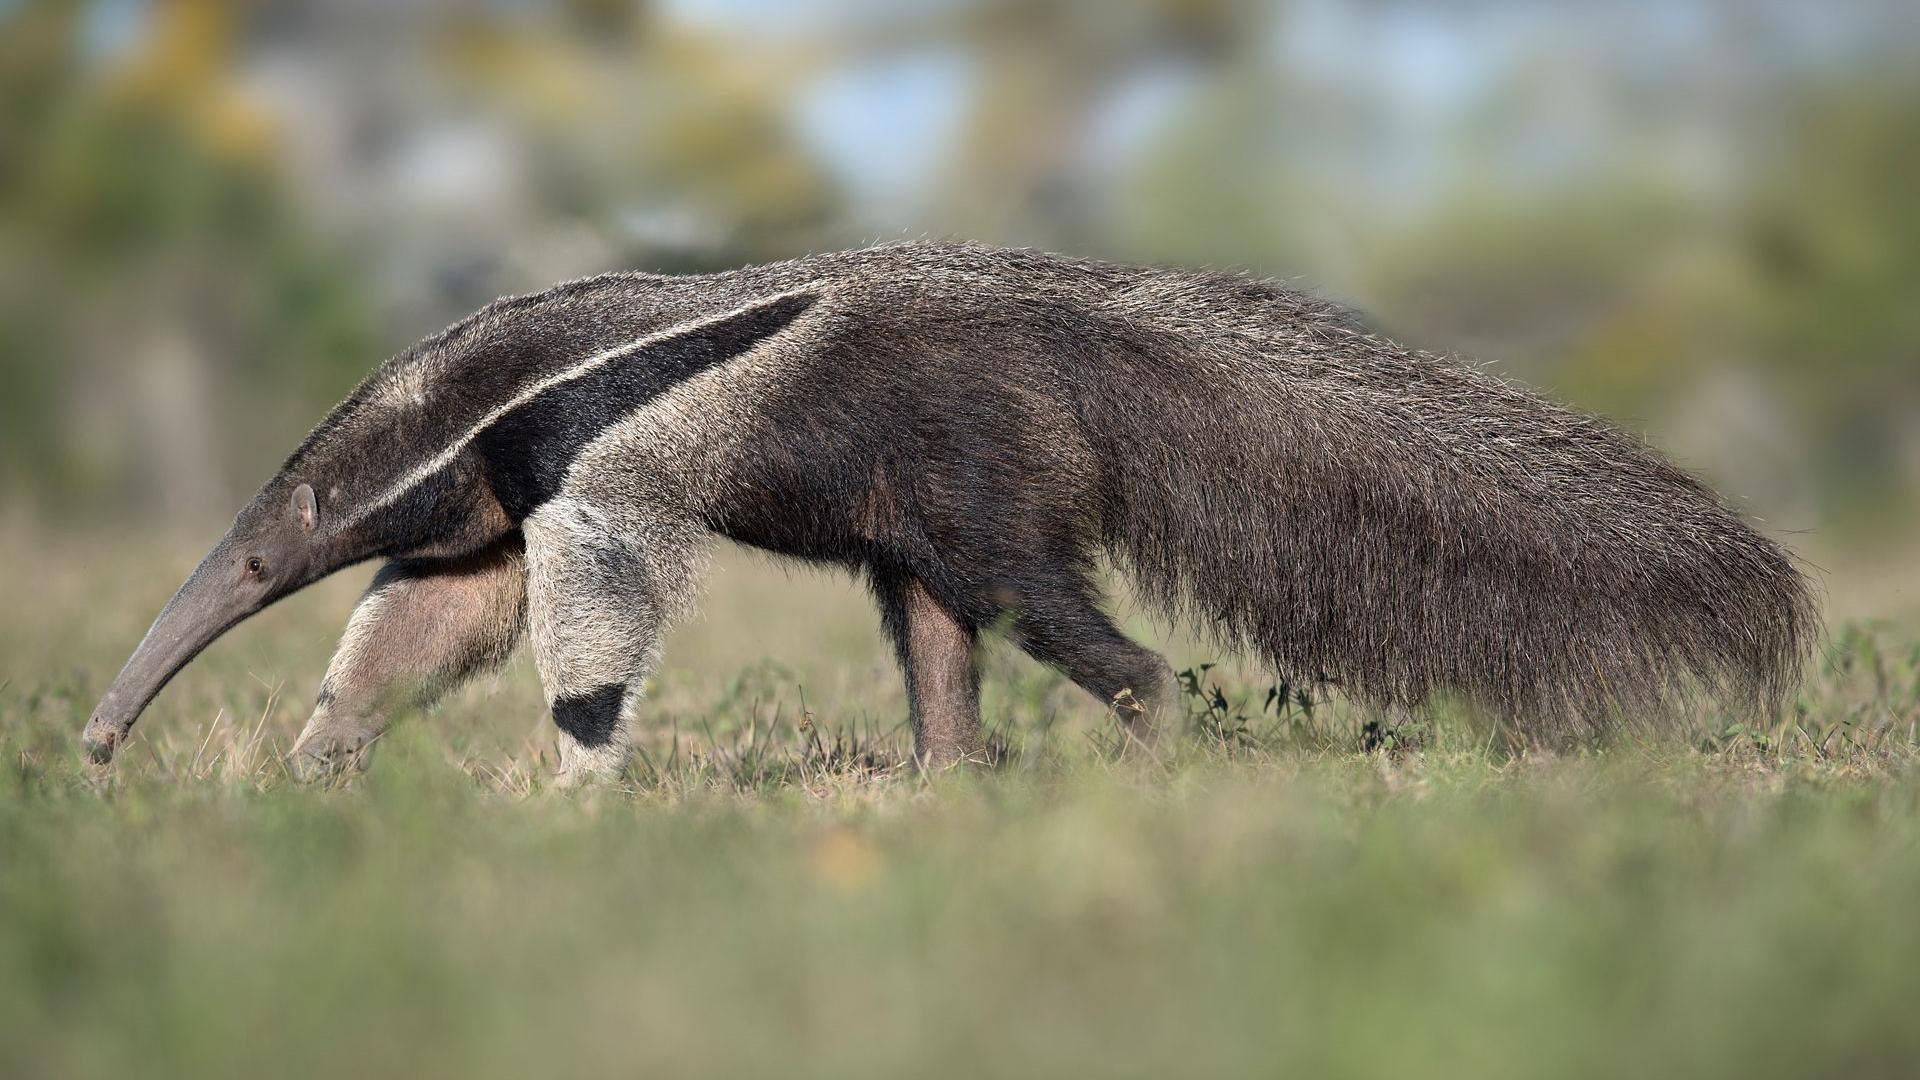 Гигантские муравьеды расширили территории в ответ на нехватку лесных убежищ